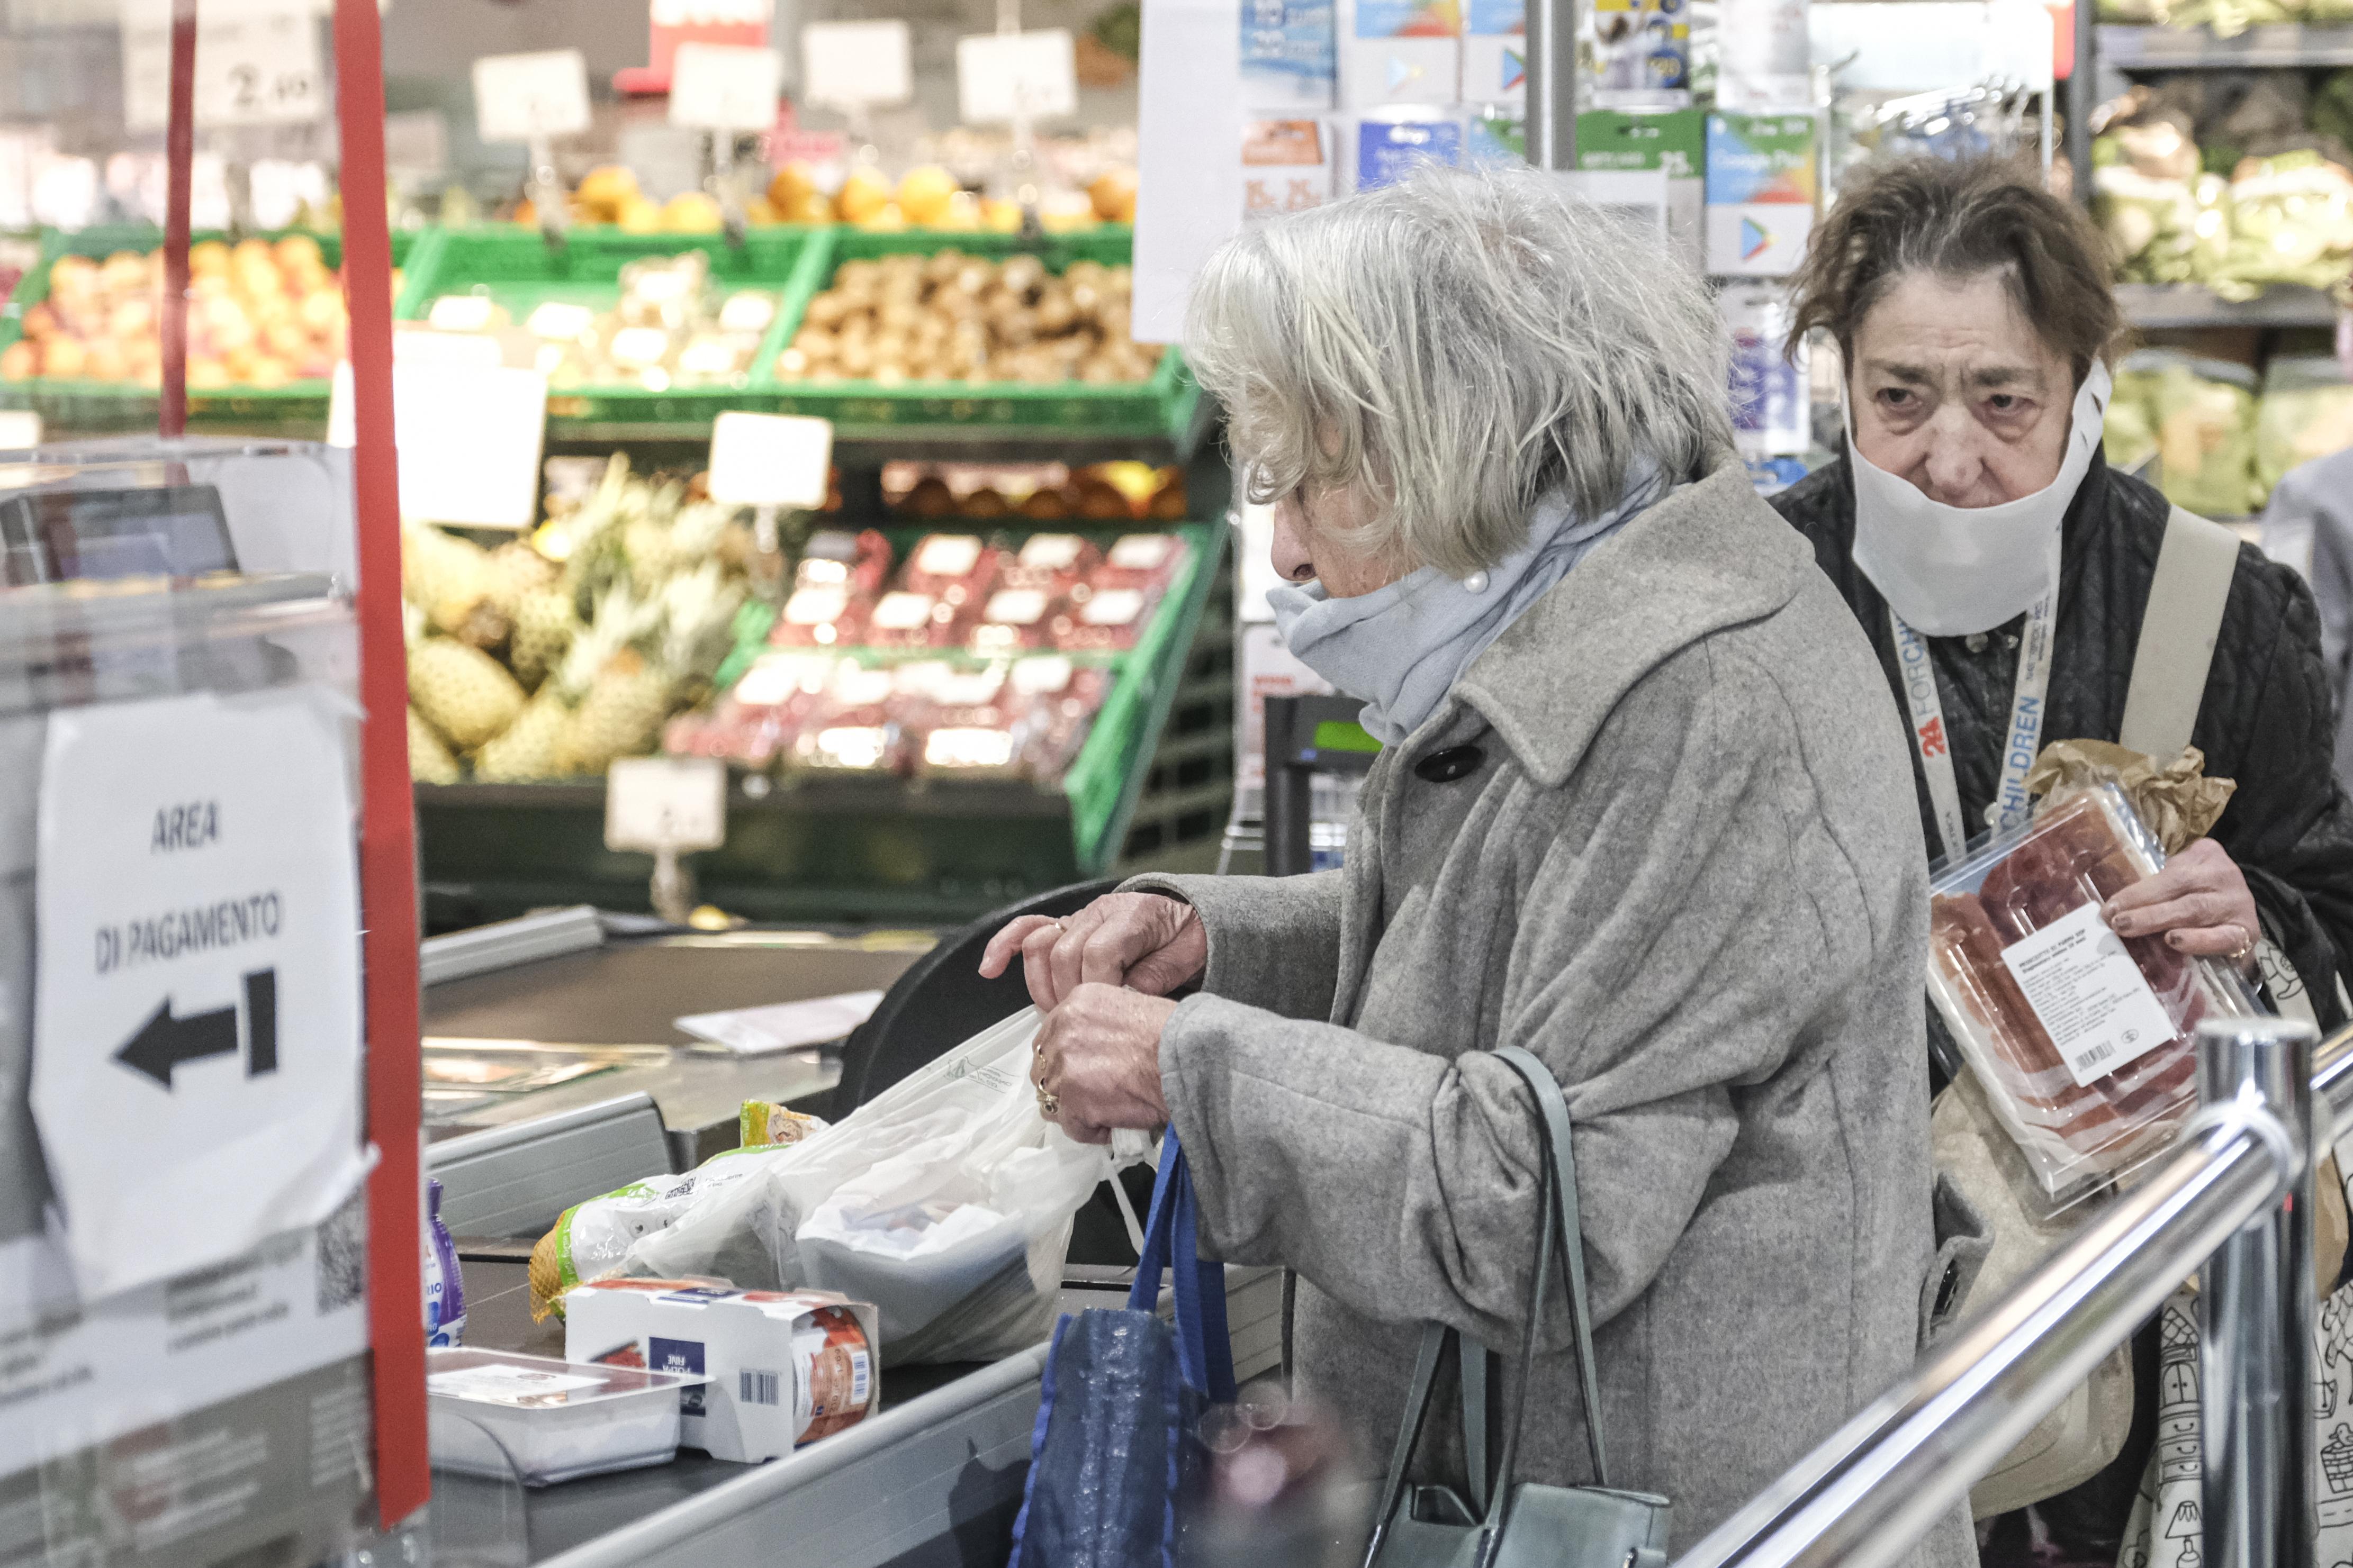 Hétfőtől péntekig 9 és 11 óra között csak 65 éven felüliek vásárolhatnak a boltokban